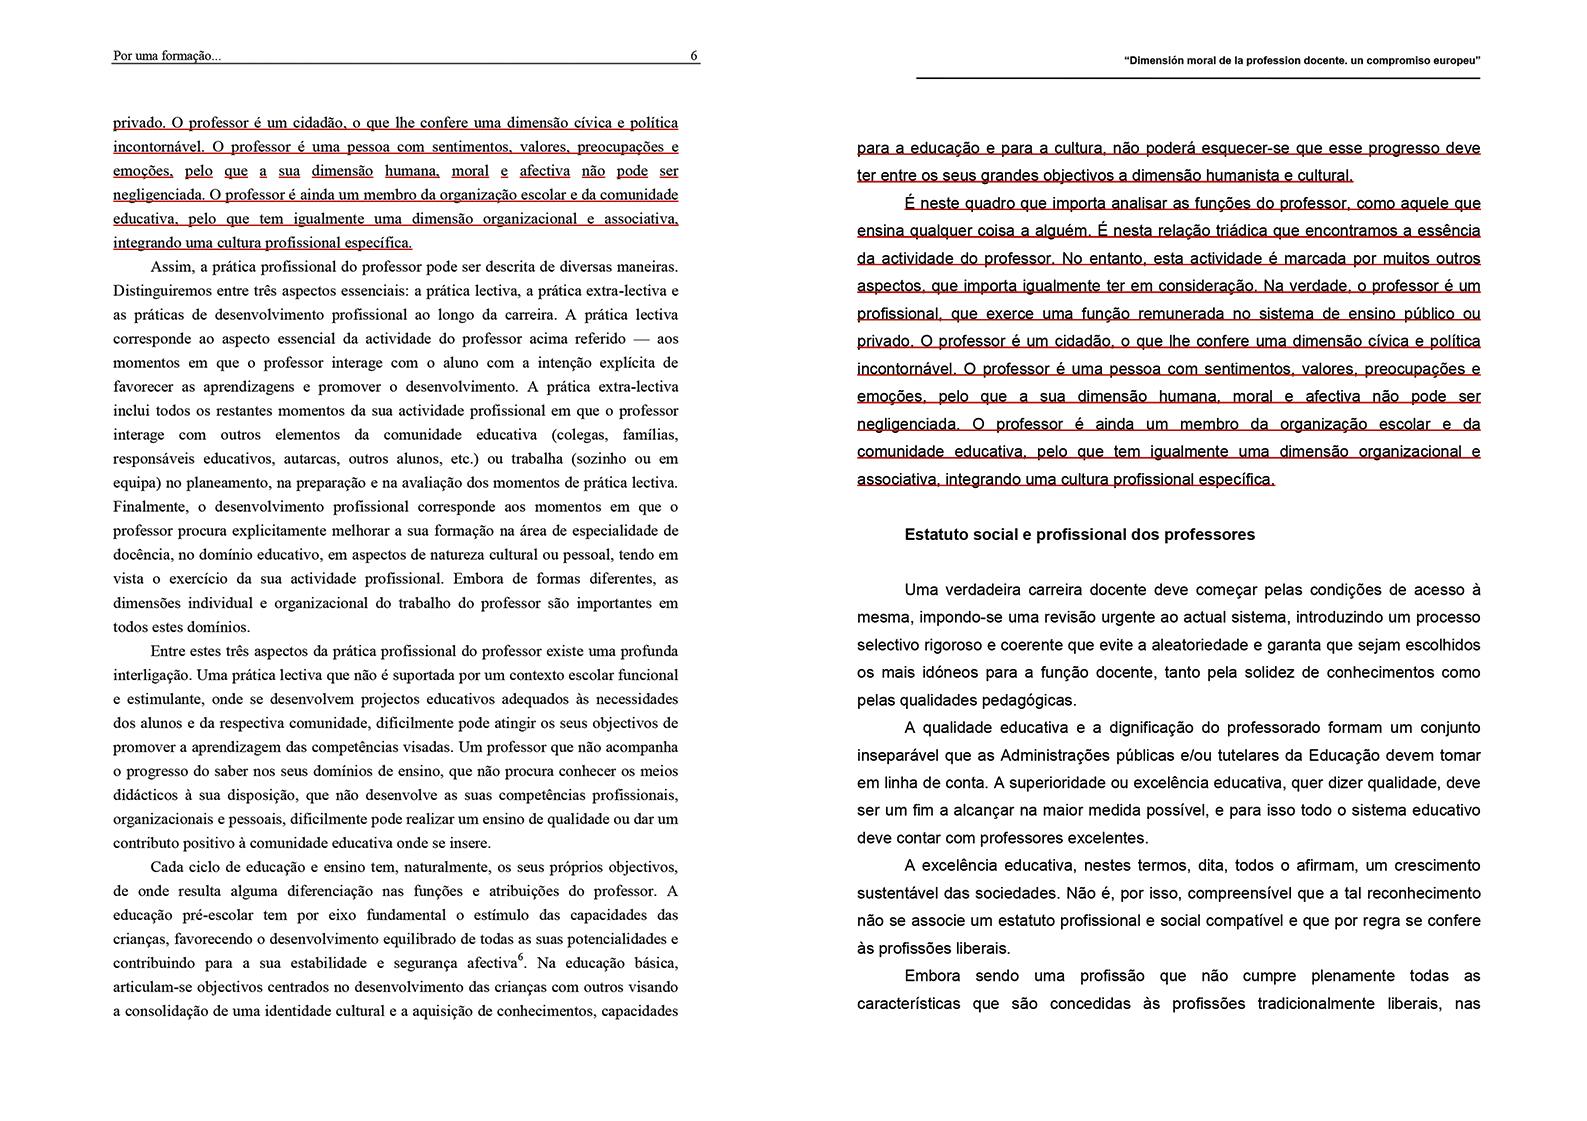 Um segundo excerto do texto de João Pedro da Ponte (à esq.) é copiado na íntegra pelo actual governante (à dir.)